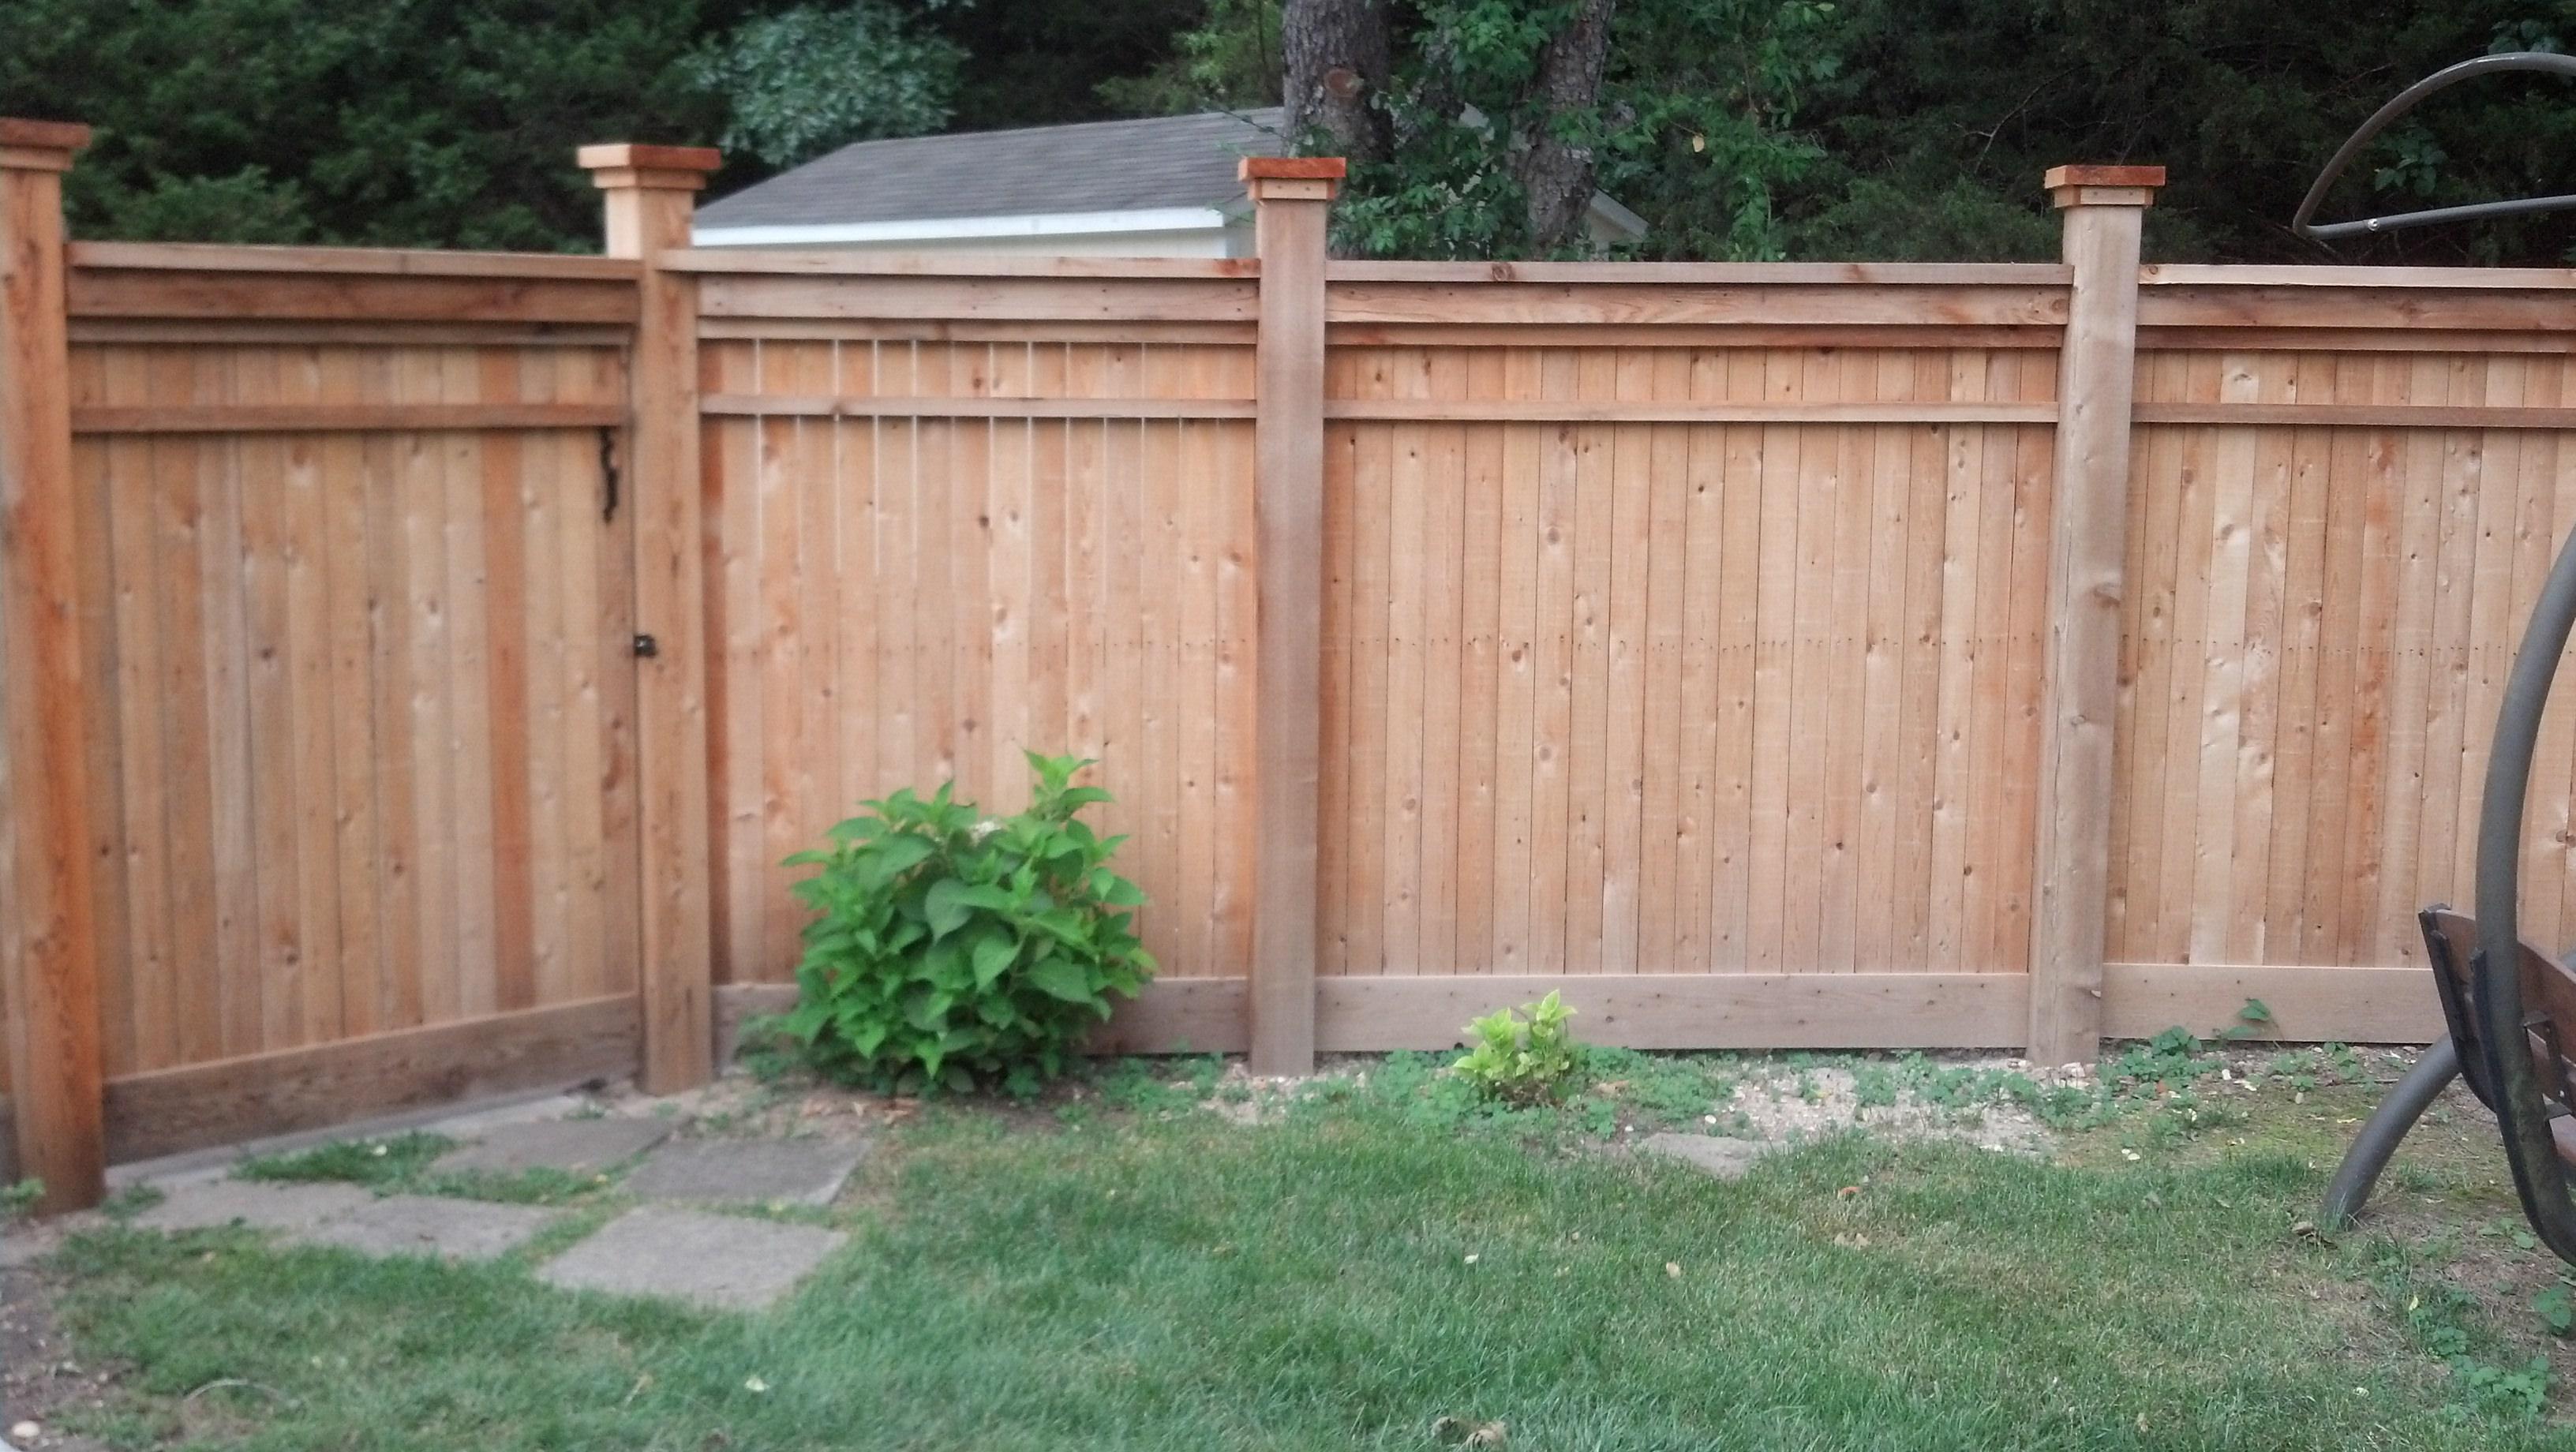 mc how to make a fence